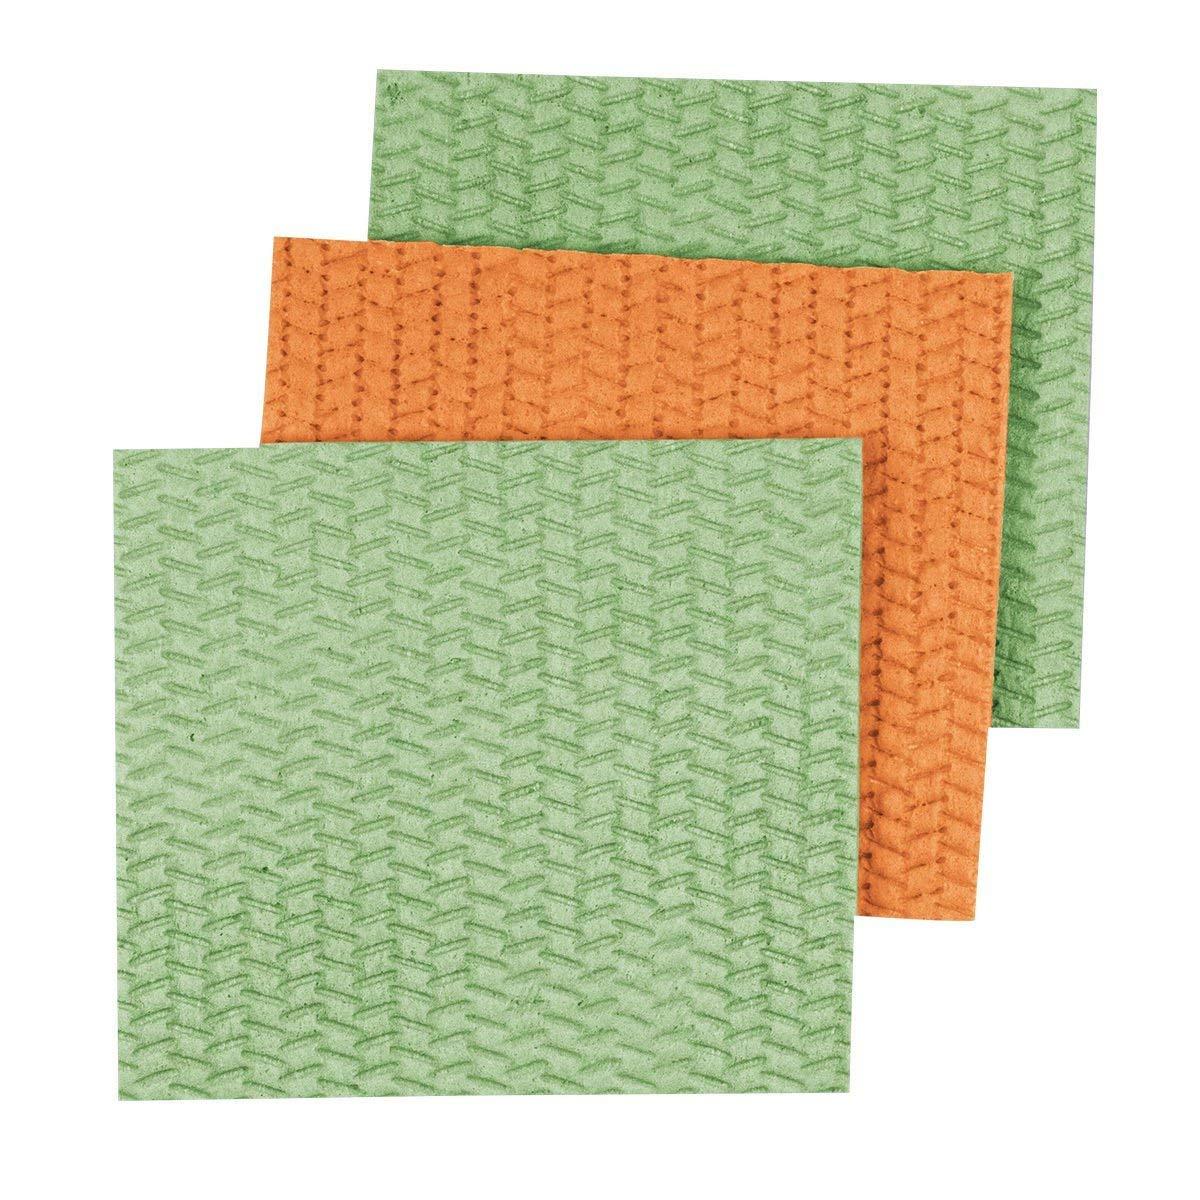 Casabella Sponge Cloths, 3-pack, Assorted Colors (8)